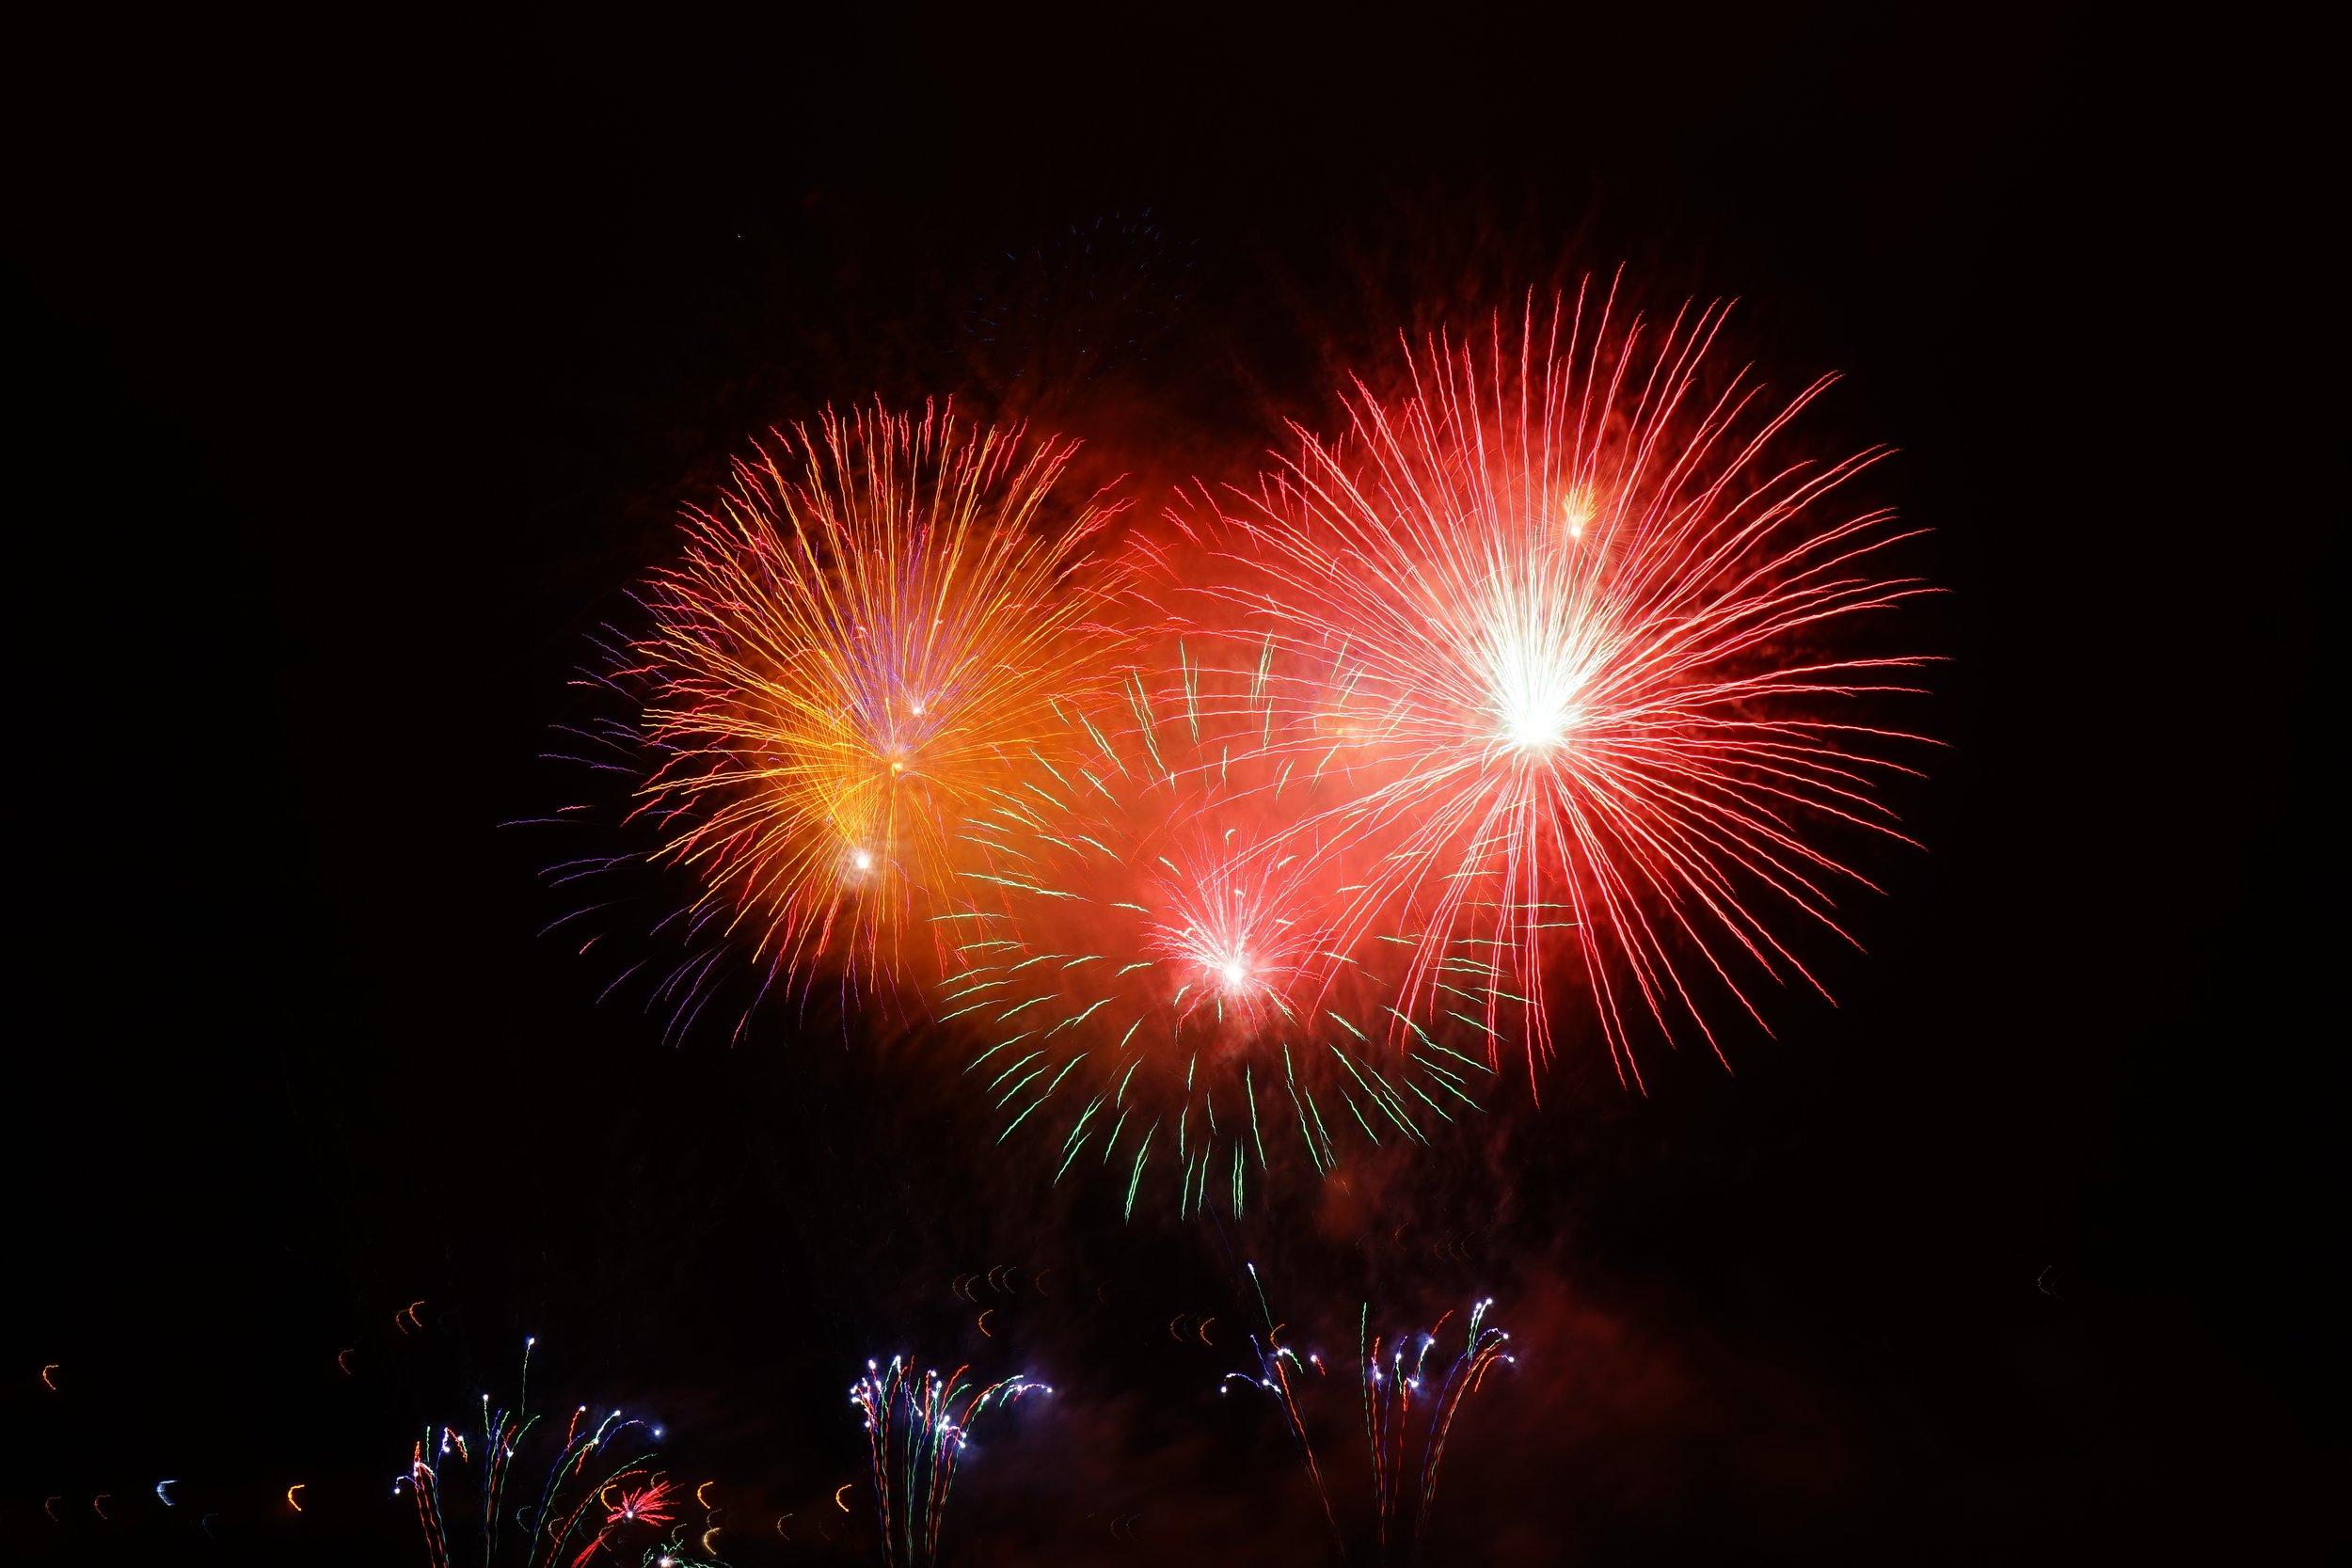 rocket-red-orange-fireworks.jpg